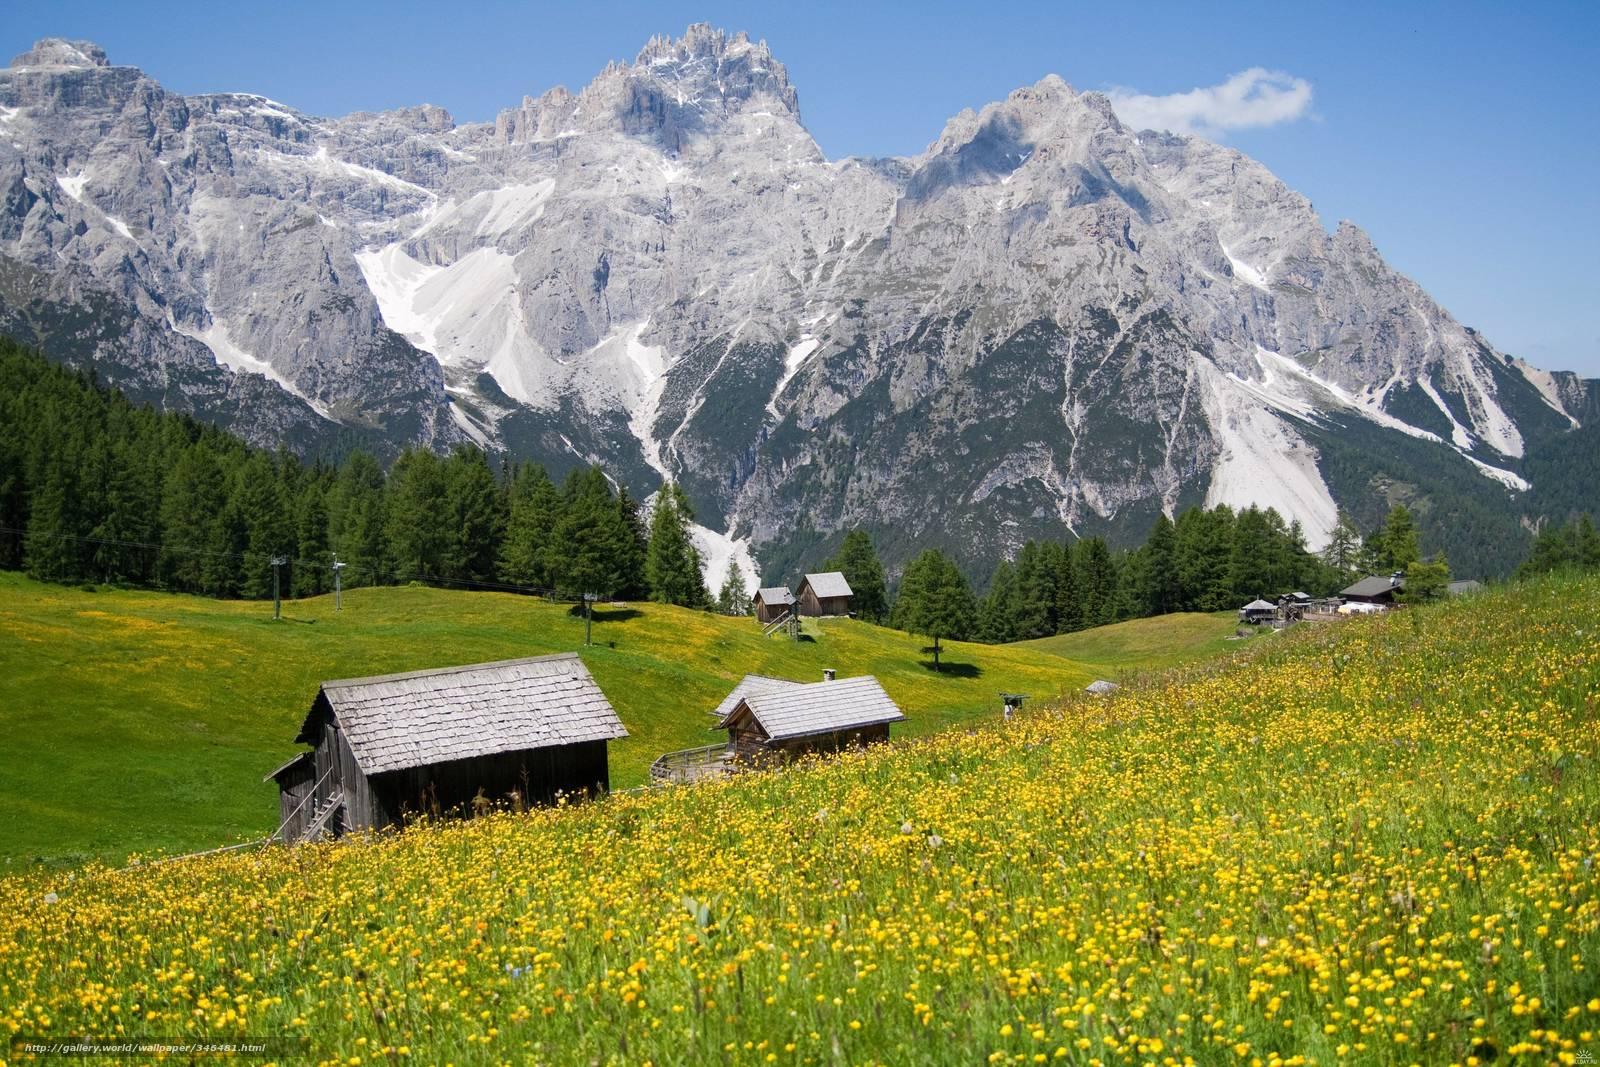 tlcharger fond d 39 ecran alpes nature paysage beaut fonds d 39 ecran gratuits pour votre rsolution. Black Bedroom Furniture Sets. Home Design Ideas